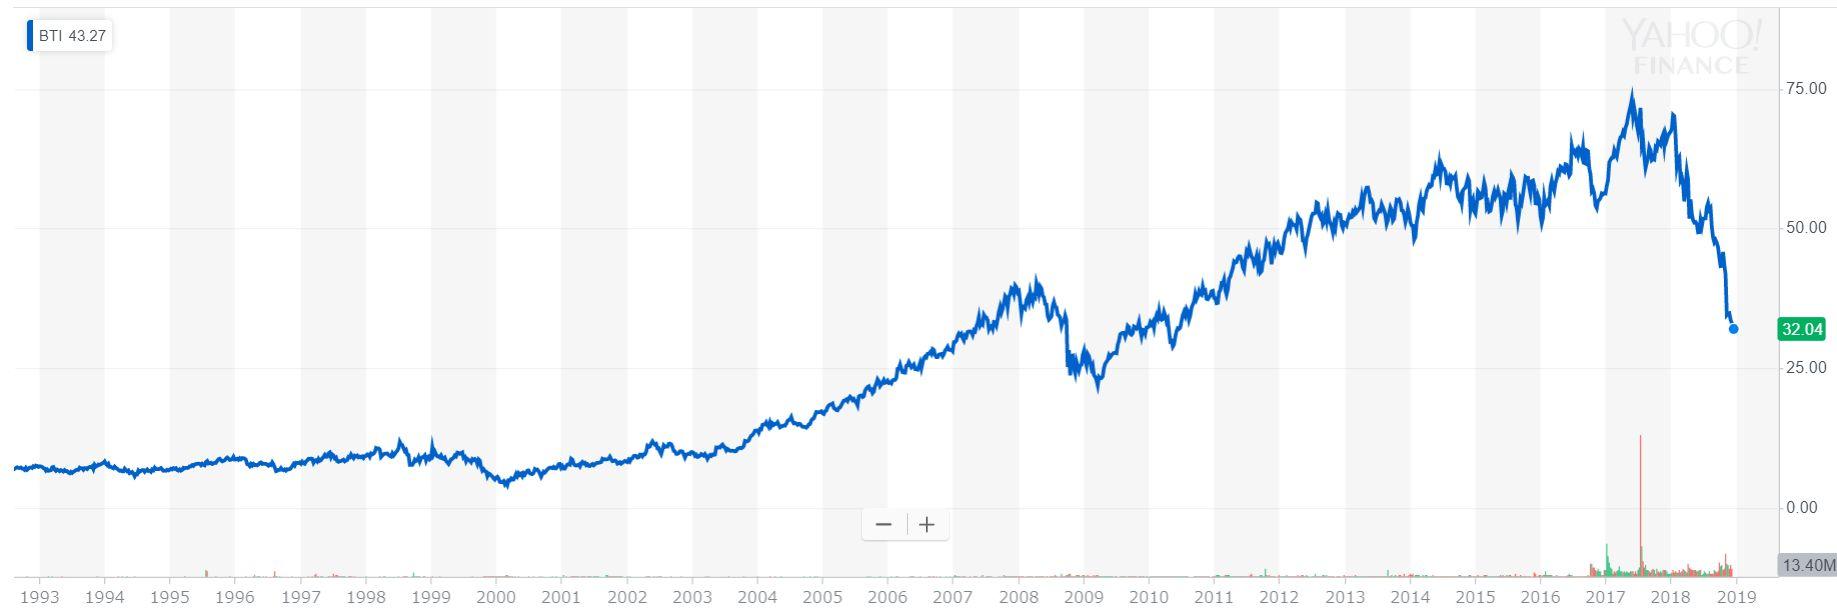 株価 ブリティッシュ アメリカン タバコ